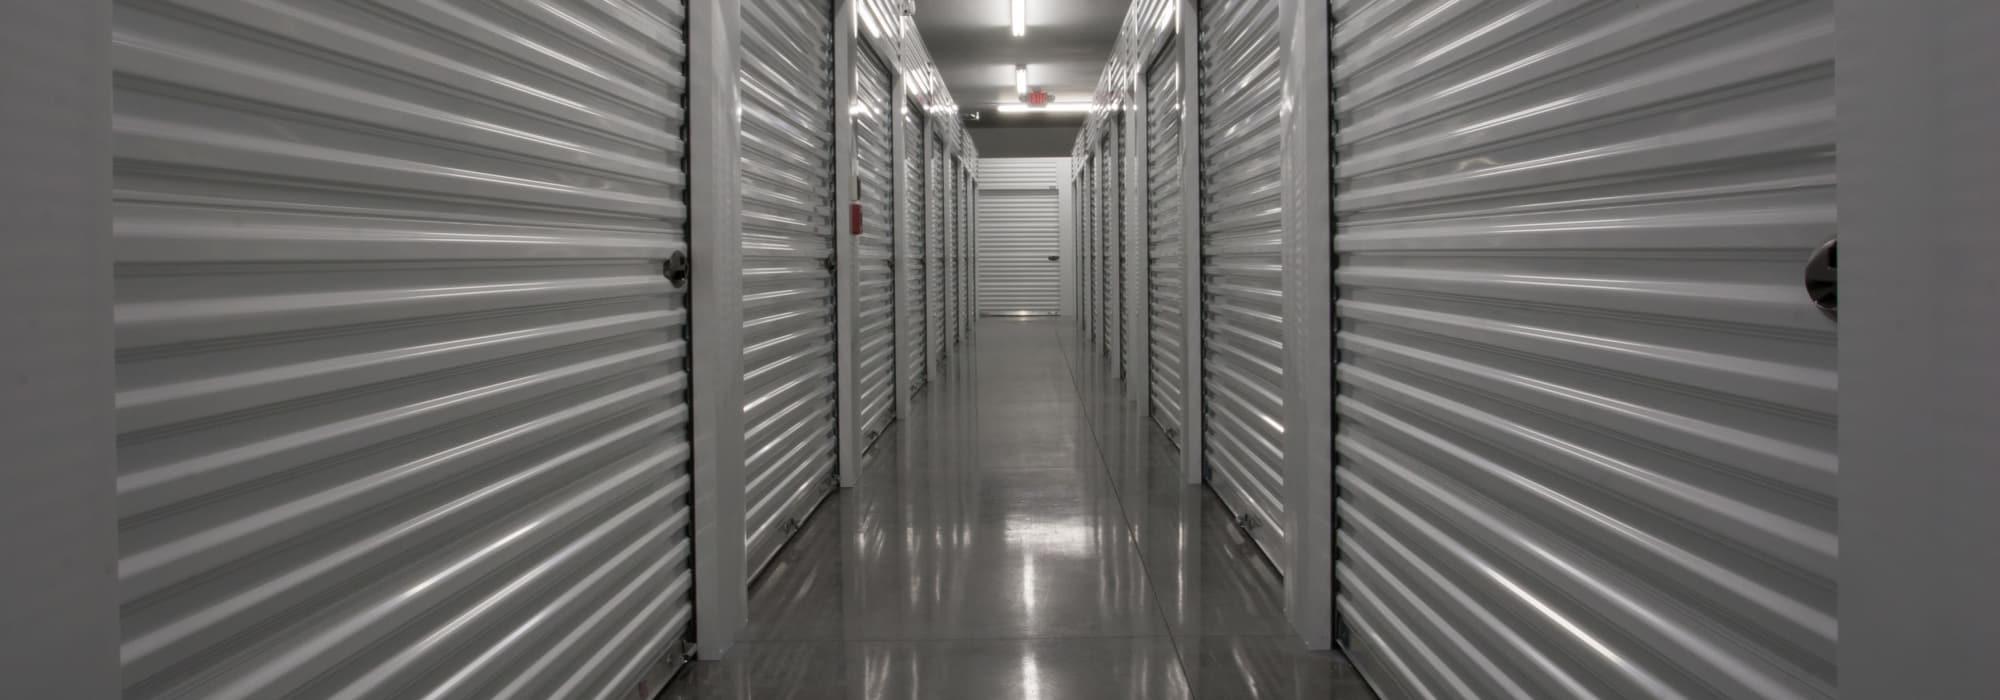 Self storage at Towne Storage in West Valley, Utah